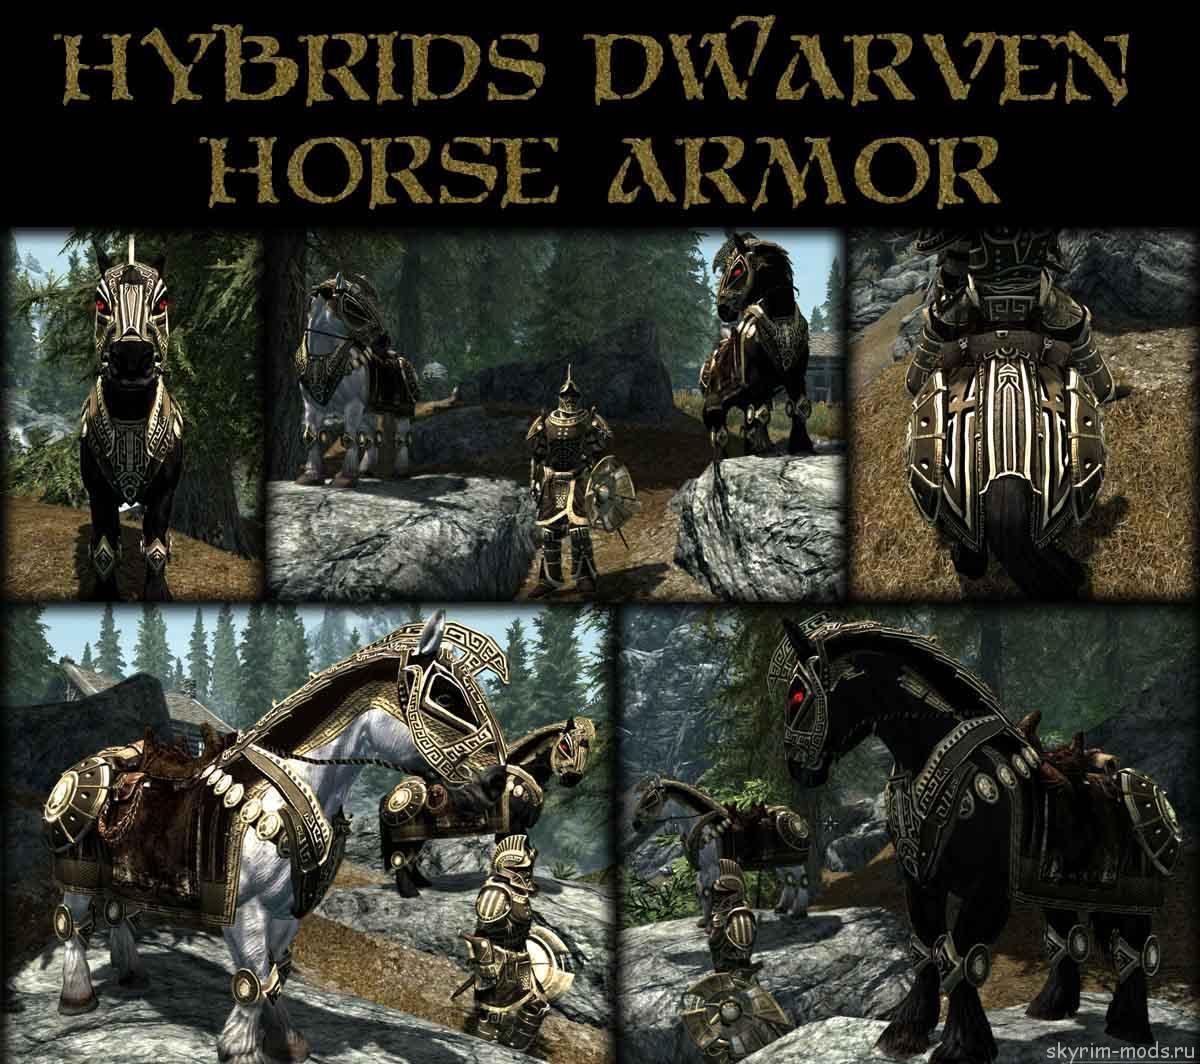 Двемерская броня для лошадей